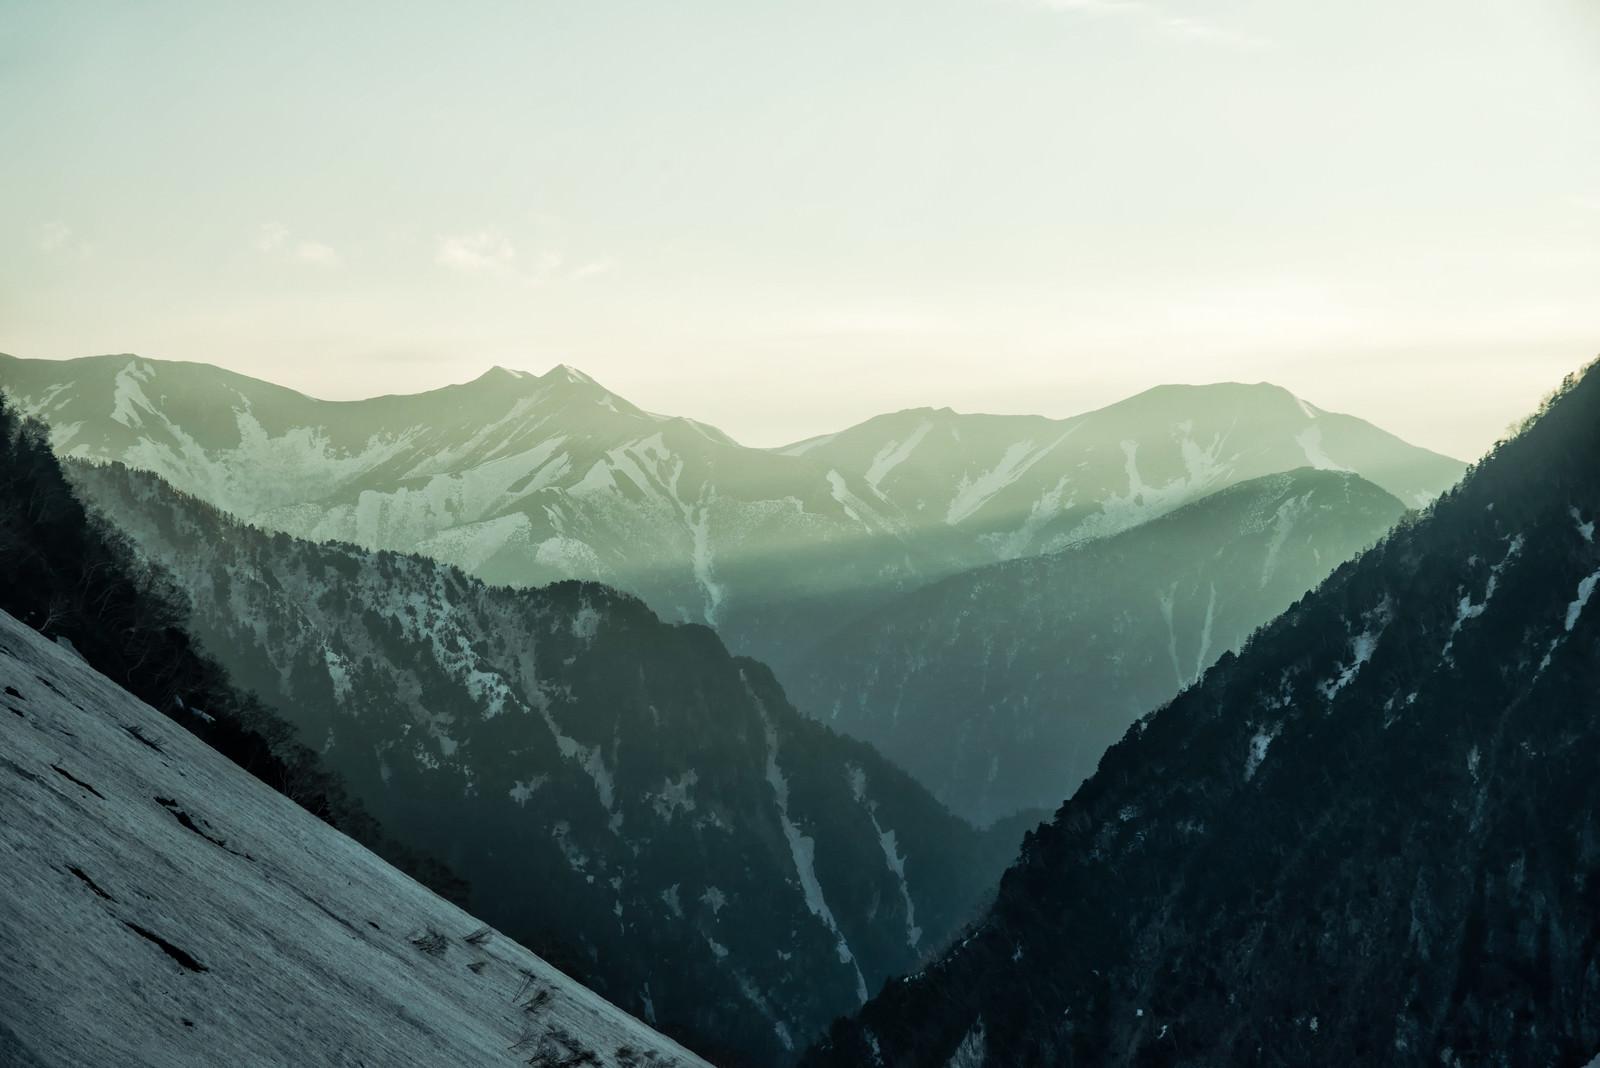 「朝日が差し込む常念山脈(飛騨山脈)」の写真